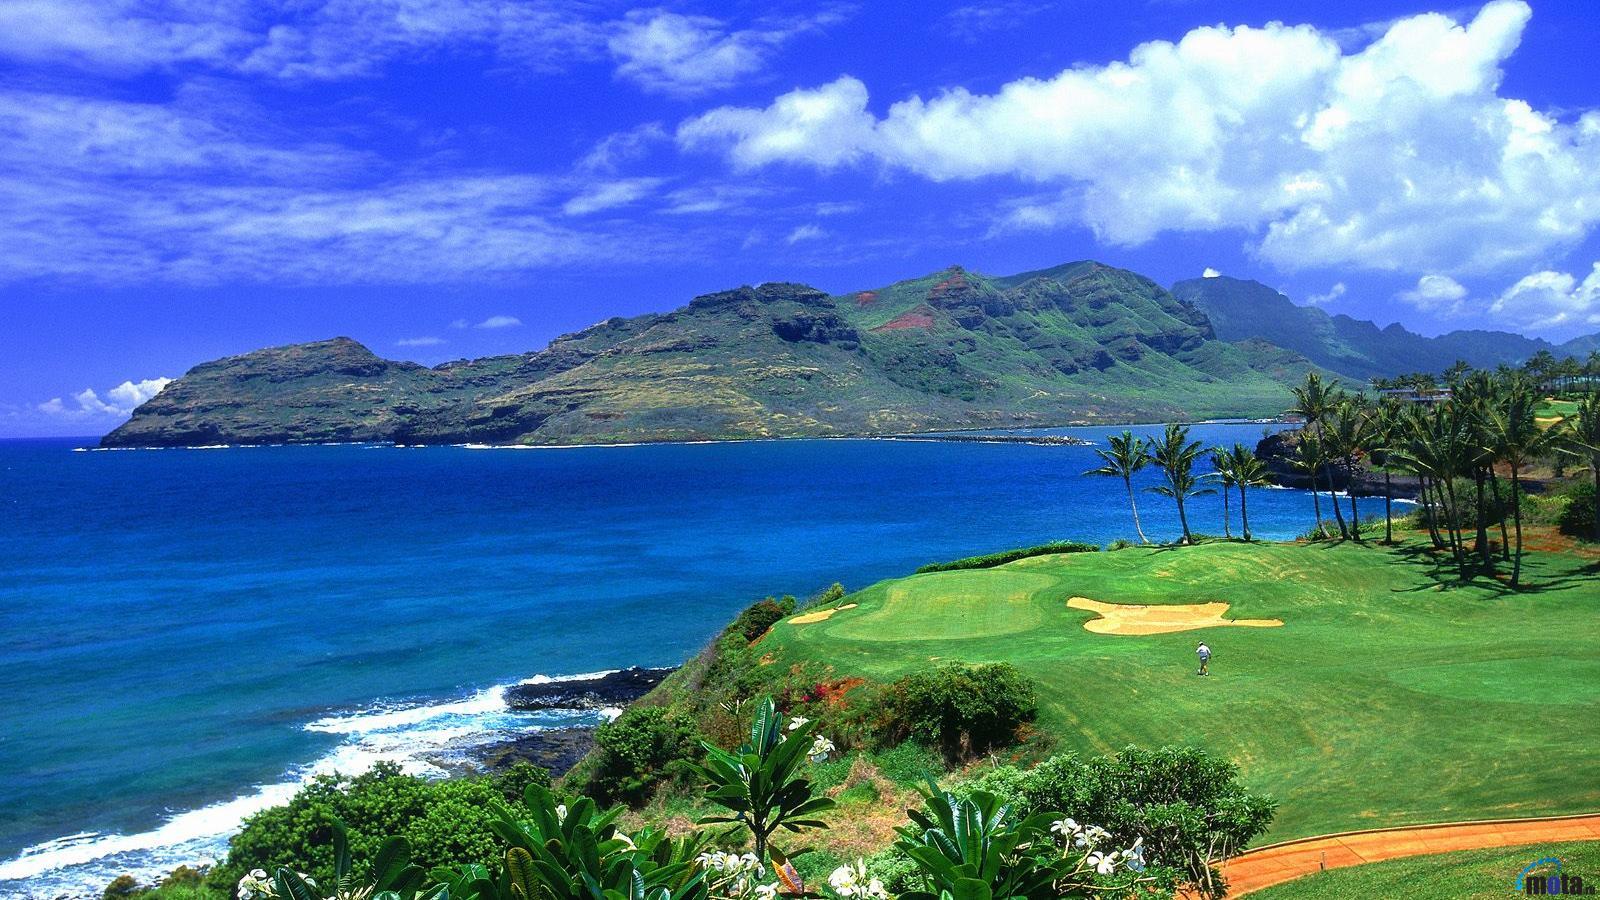 Desktop wallpapers Golf Course in Hawaii 1600x900